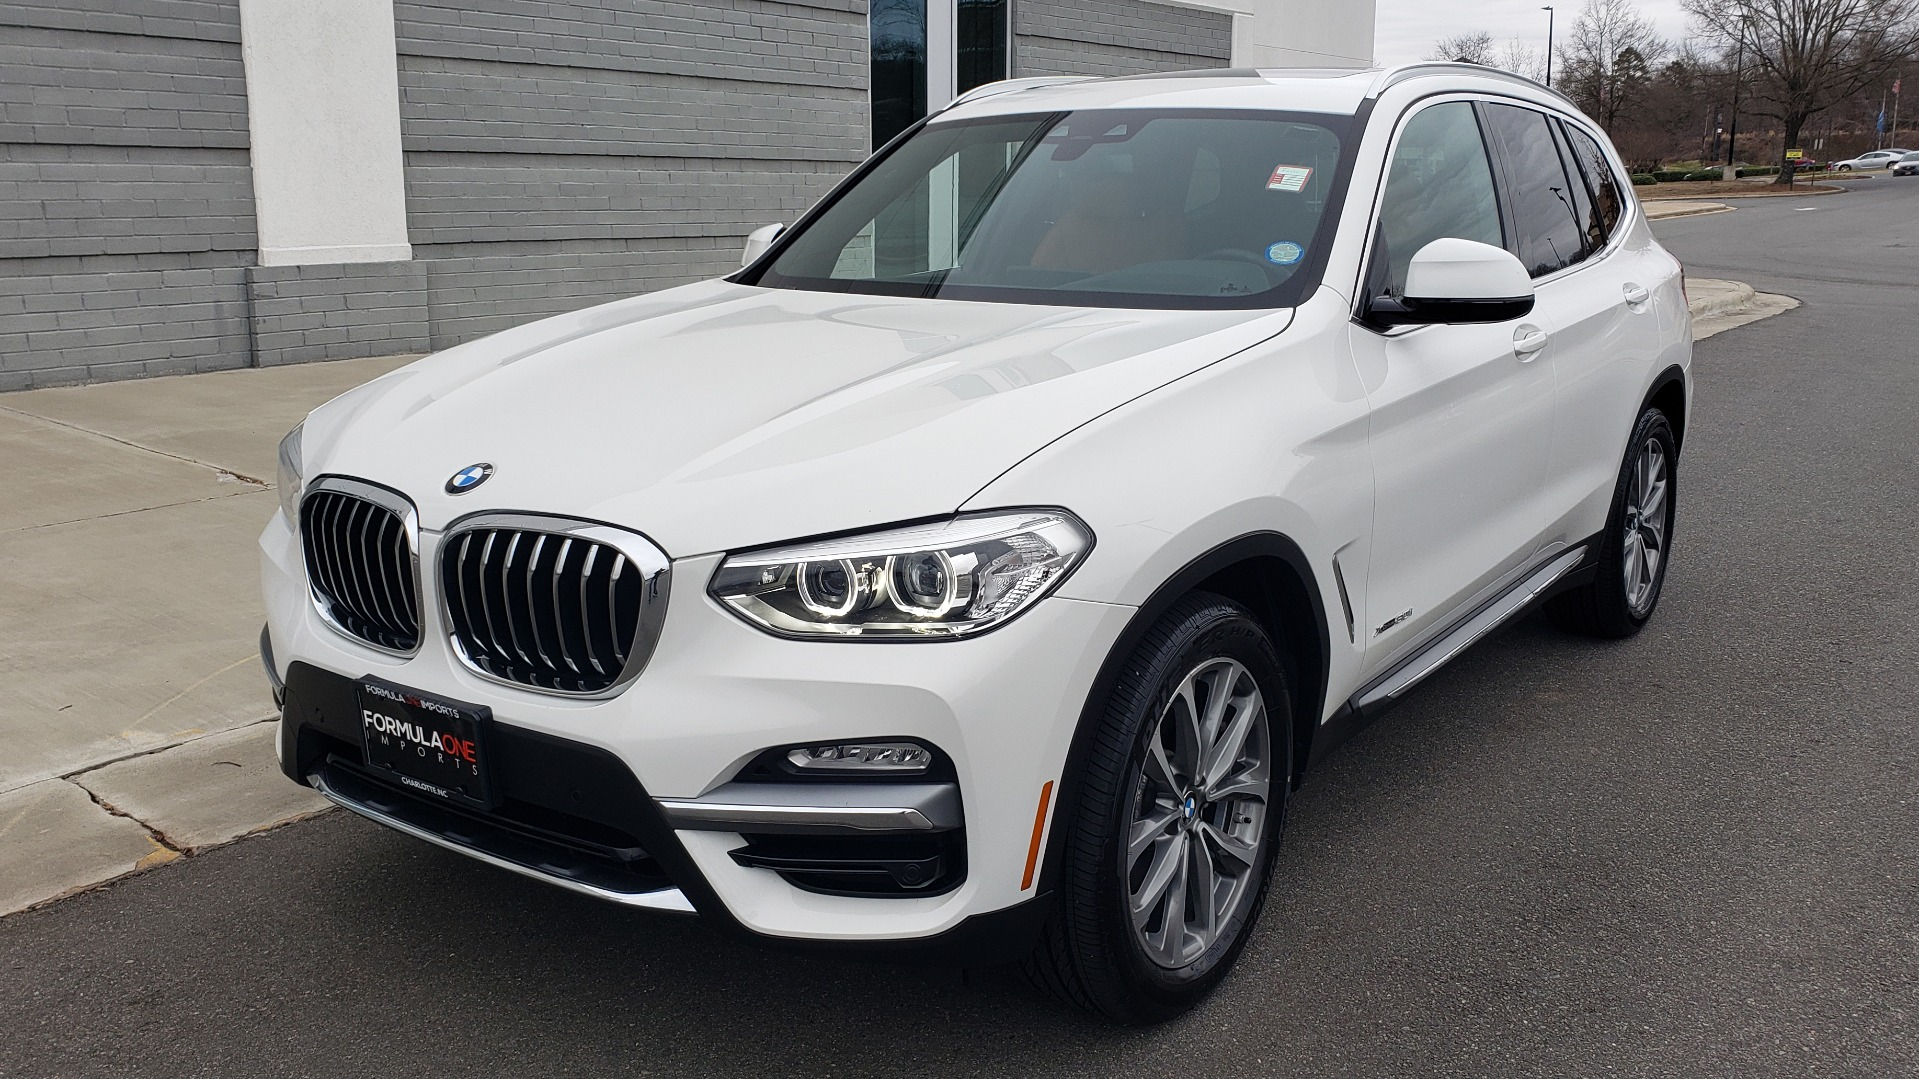 Used 2018 BMW X3 XDRIVE30I / LUX PKG / PREM PKG / CONV PKG / PDC / APPLE CARPLAY for sale Sold at Formula Imports in Charlotte NC 28227 3